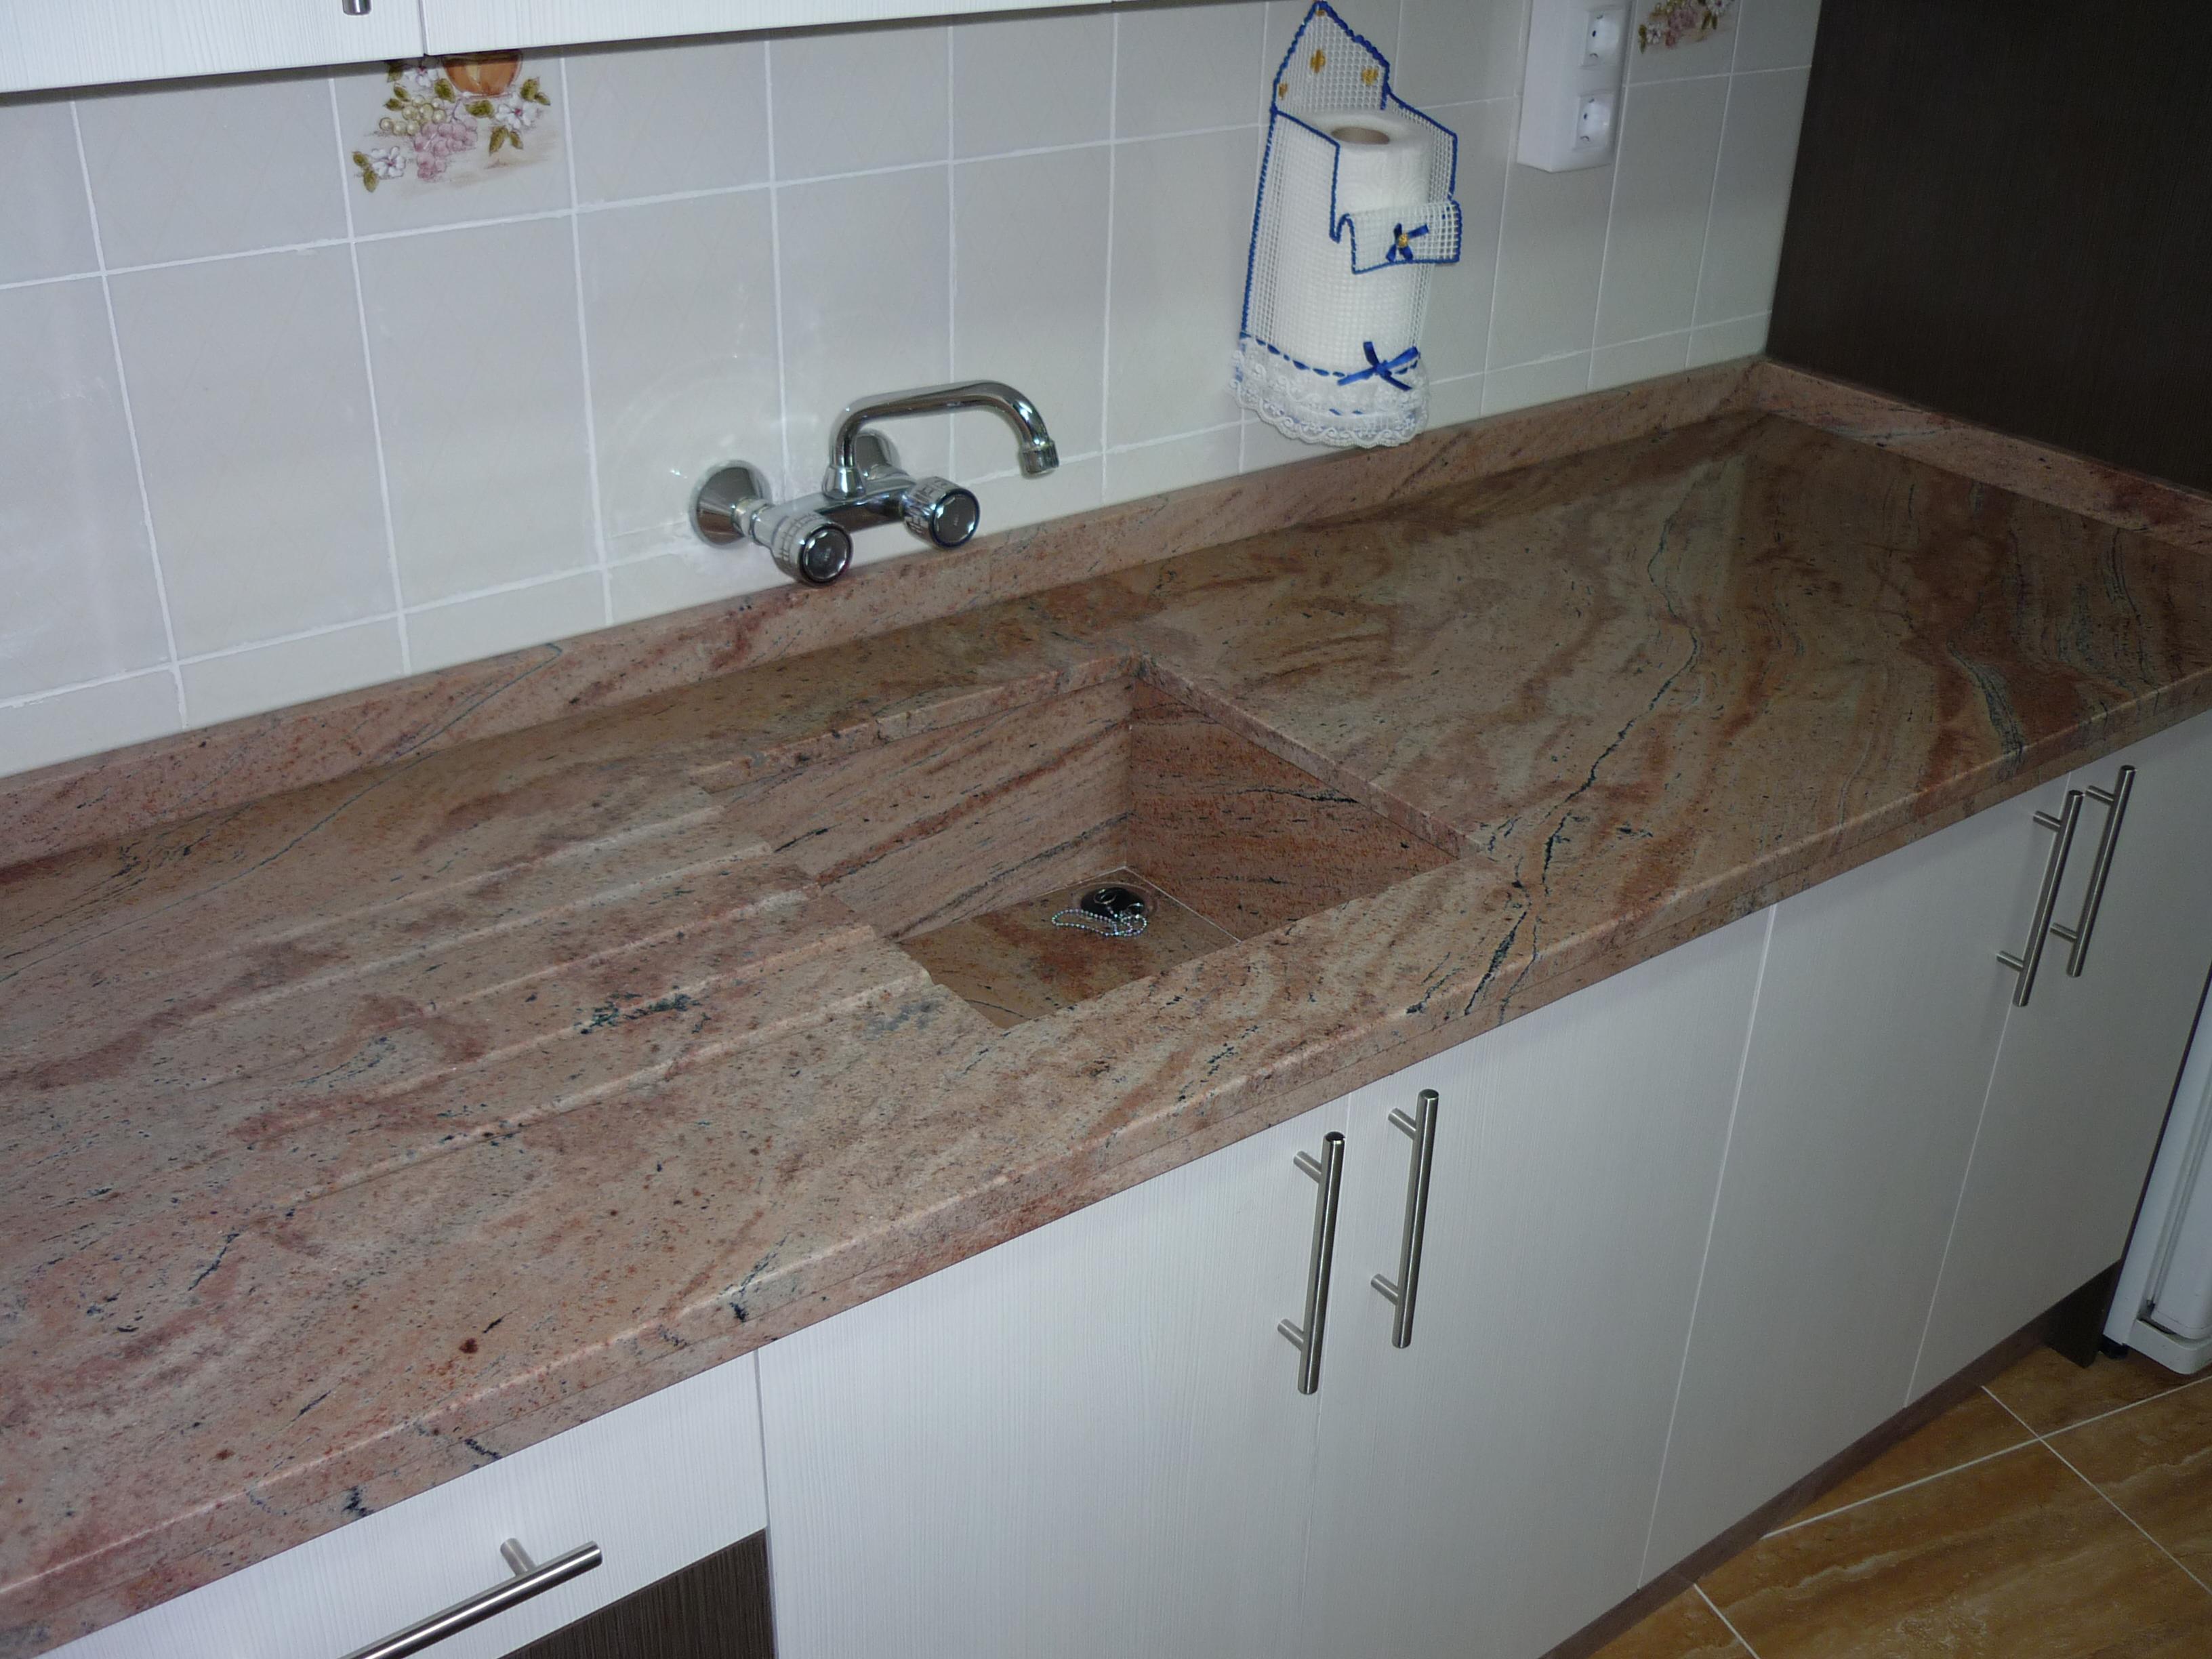 Encimera de marmol o granito perfect encimeras de granito for Encimera cocina marmol o granito